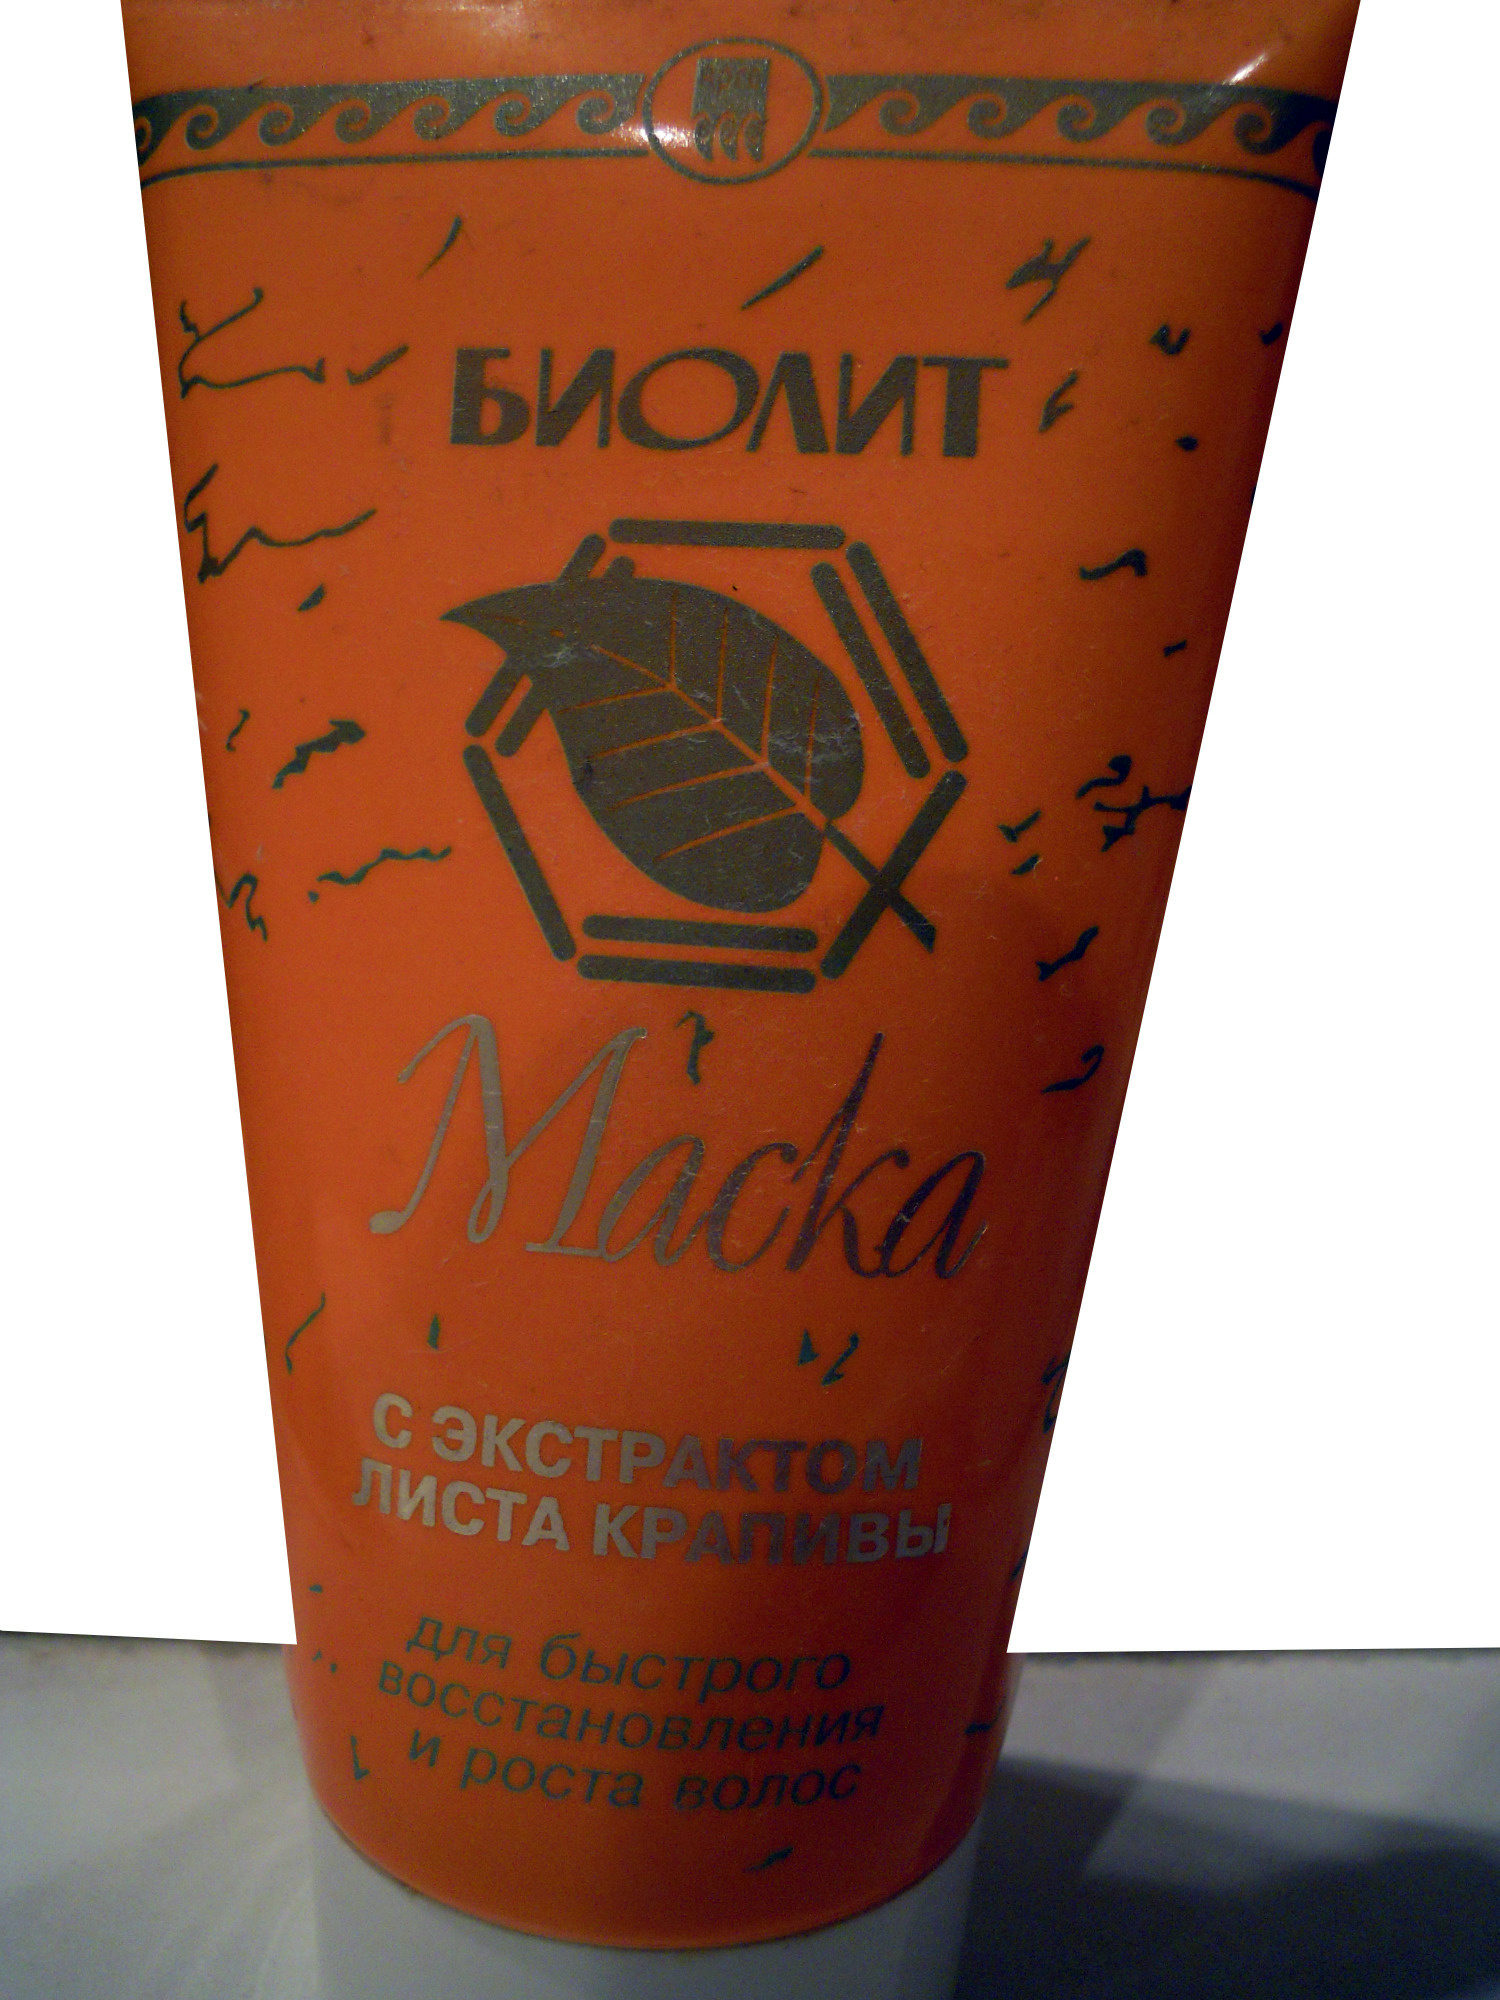 Биолит — Маска с экстрактом листа крапивы - Product - ru